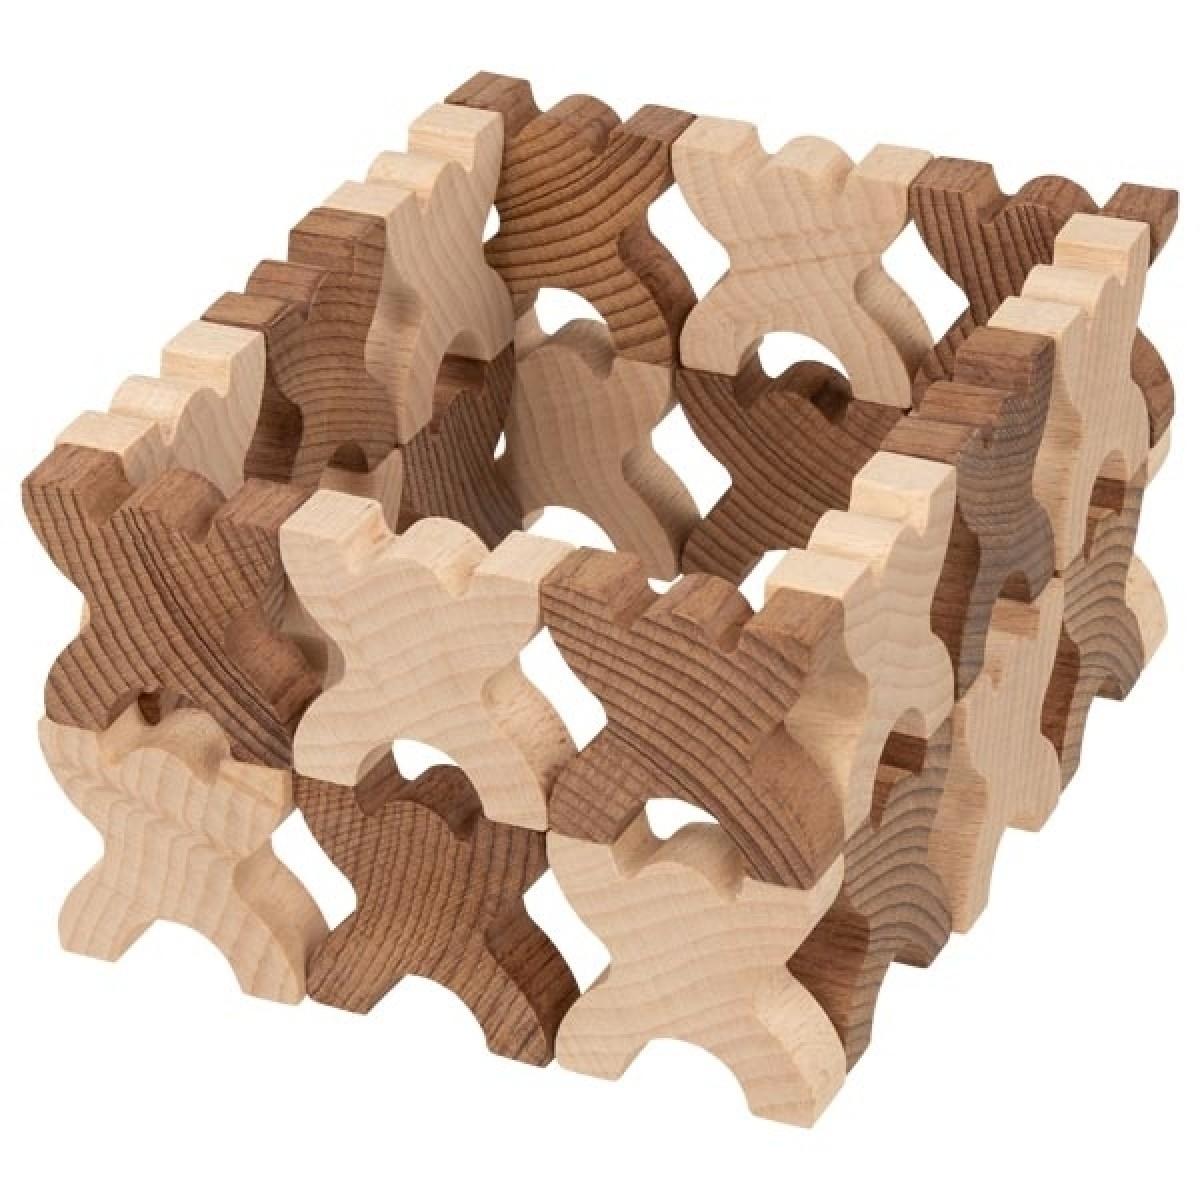 Geschicklichkeitsspiel Geduldspiel Stapelspiel aus Holz mit Holz Tiger BWI